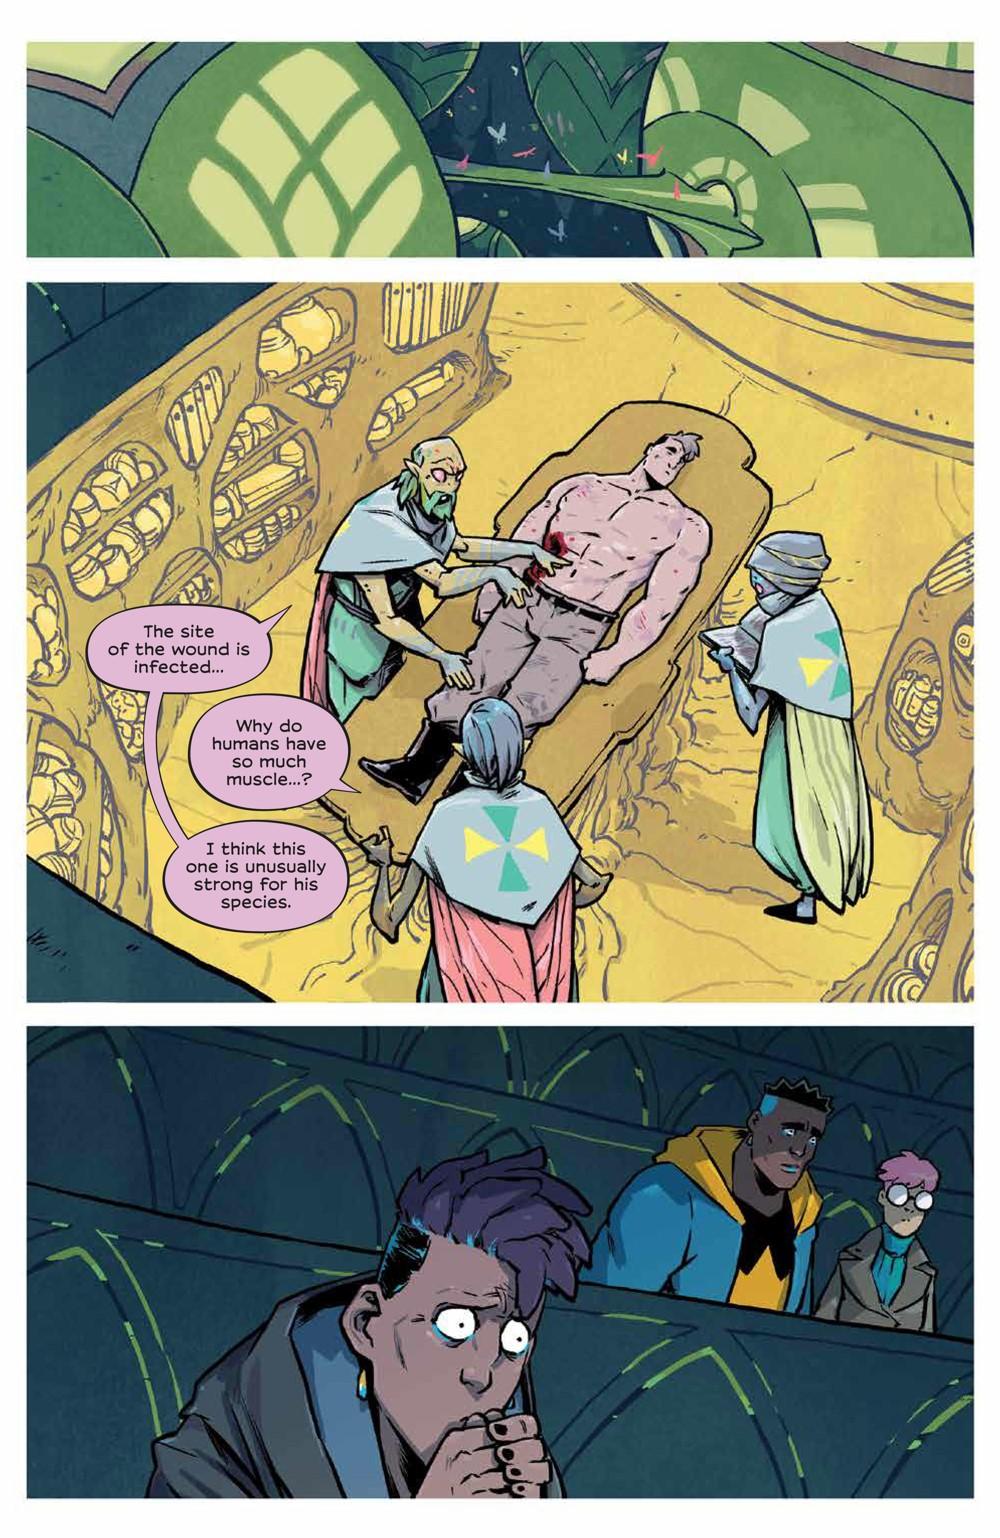 Wynd_009_PRESS_7 ComicList Previews: WYND #9